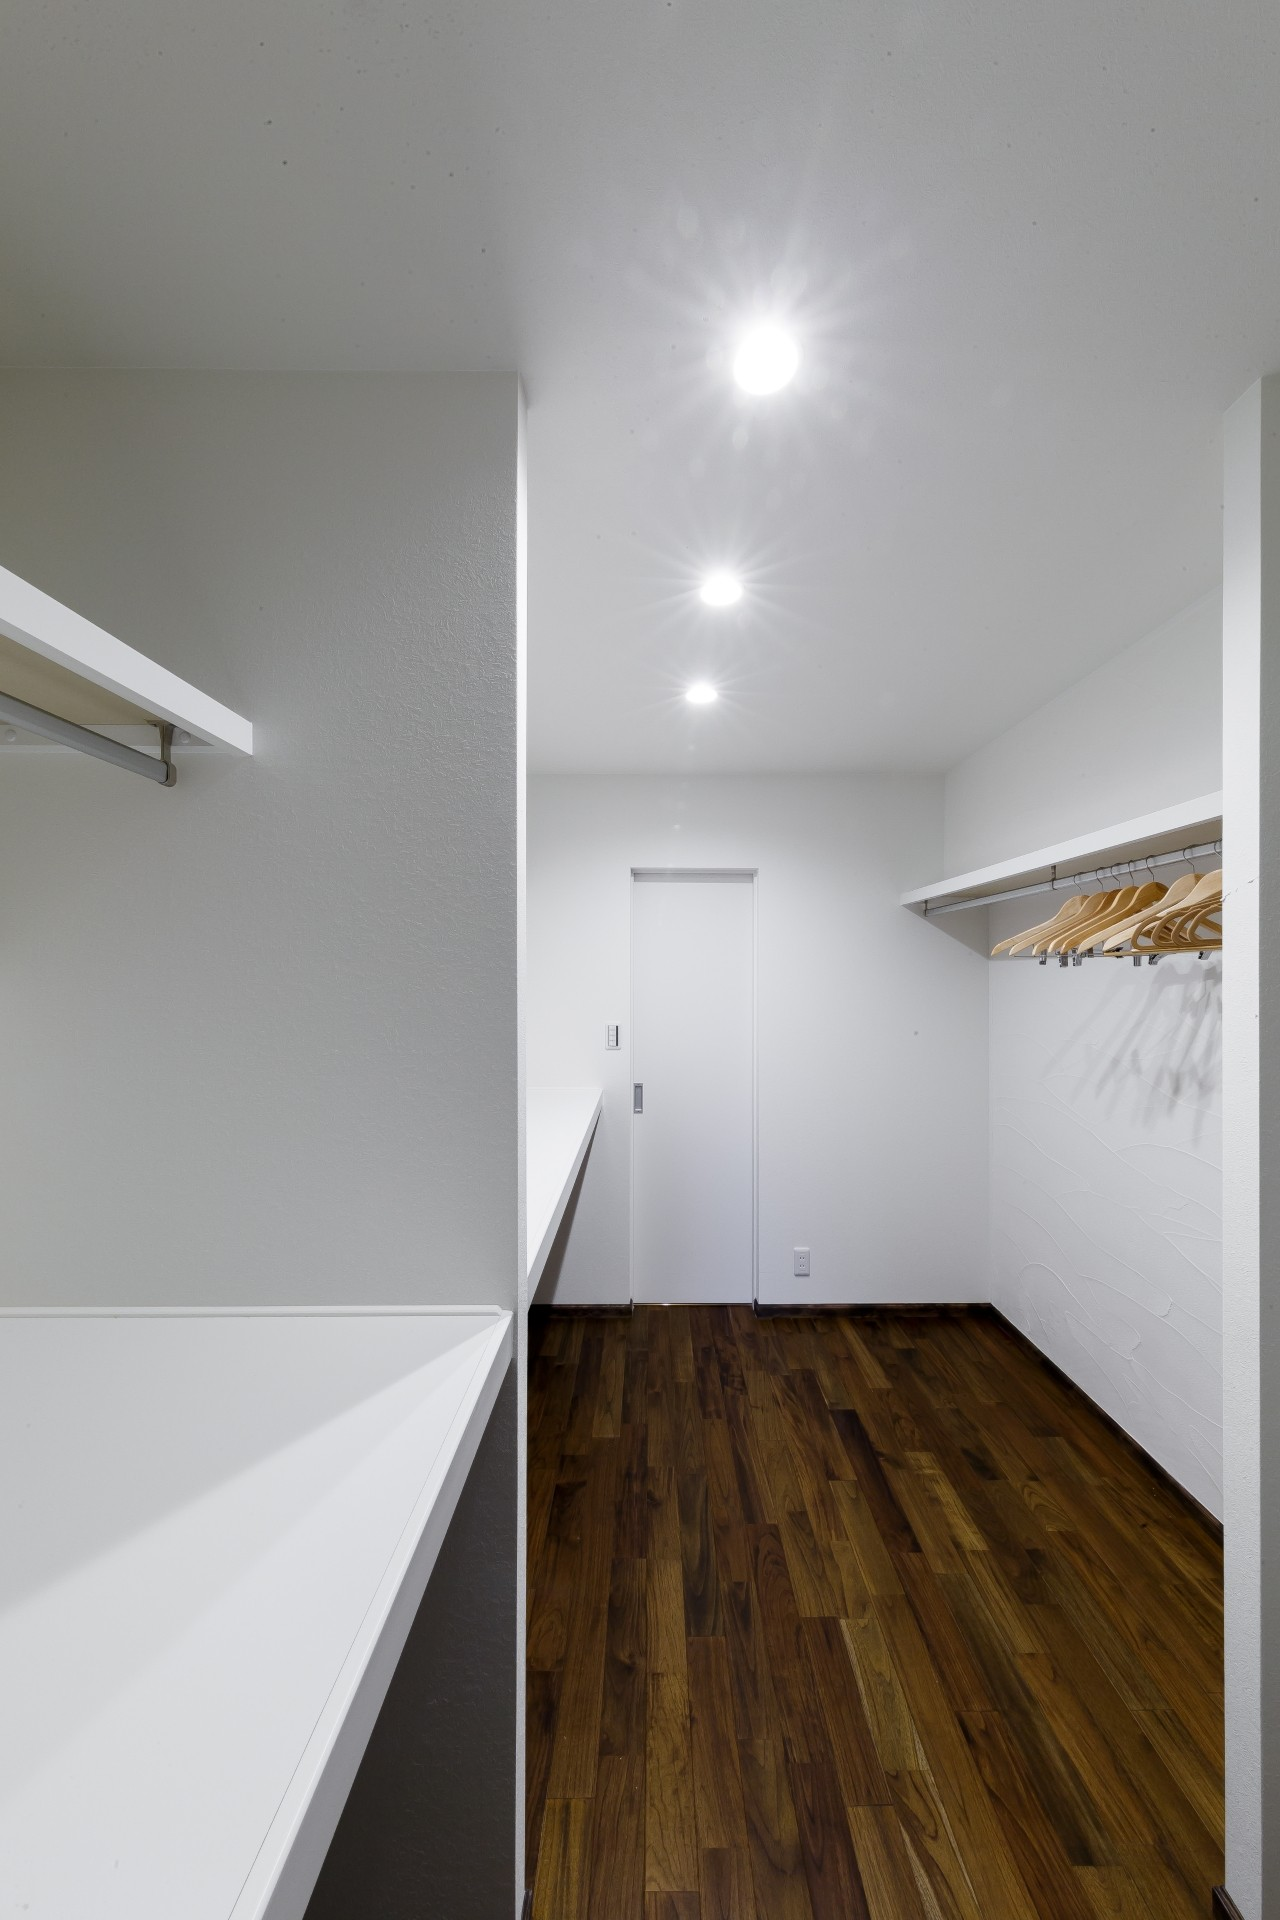 収納事例:リビングと寝室をつなぐ大きなウォークスルークローゼット(インナーバルコニーのある開放的な家)